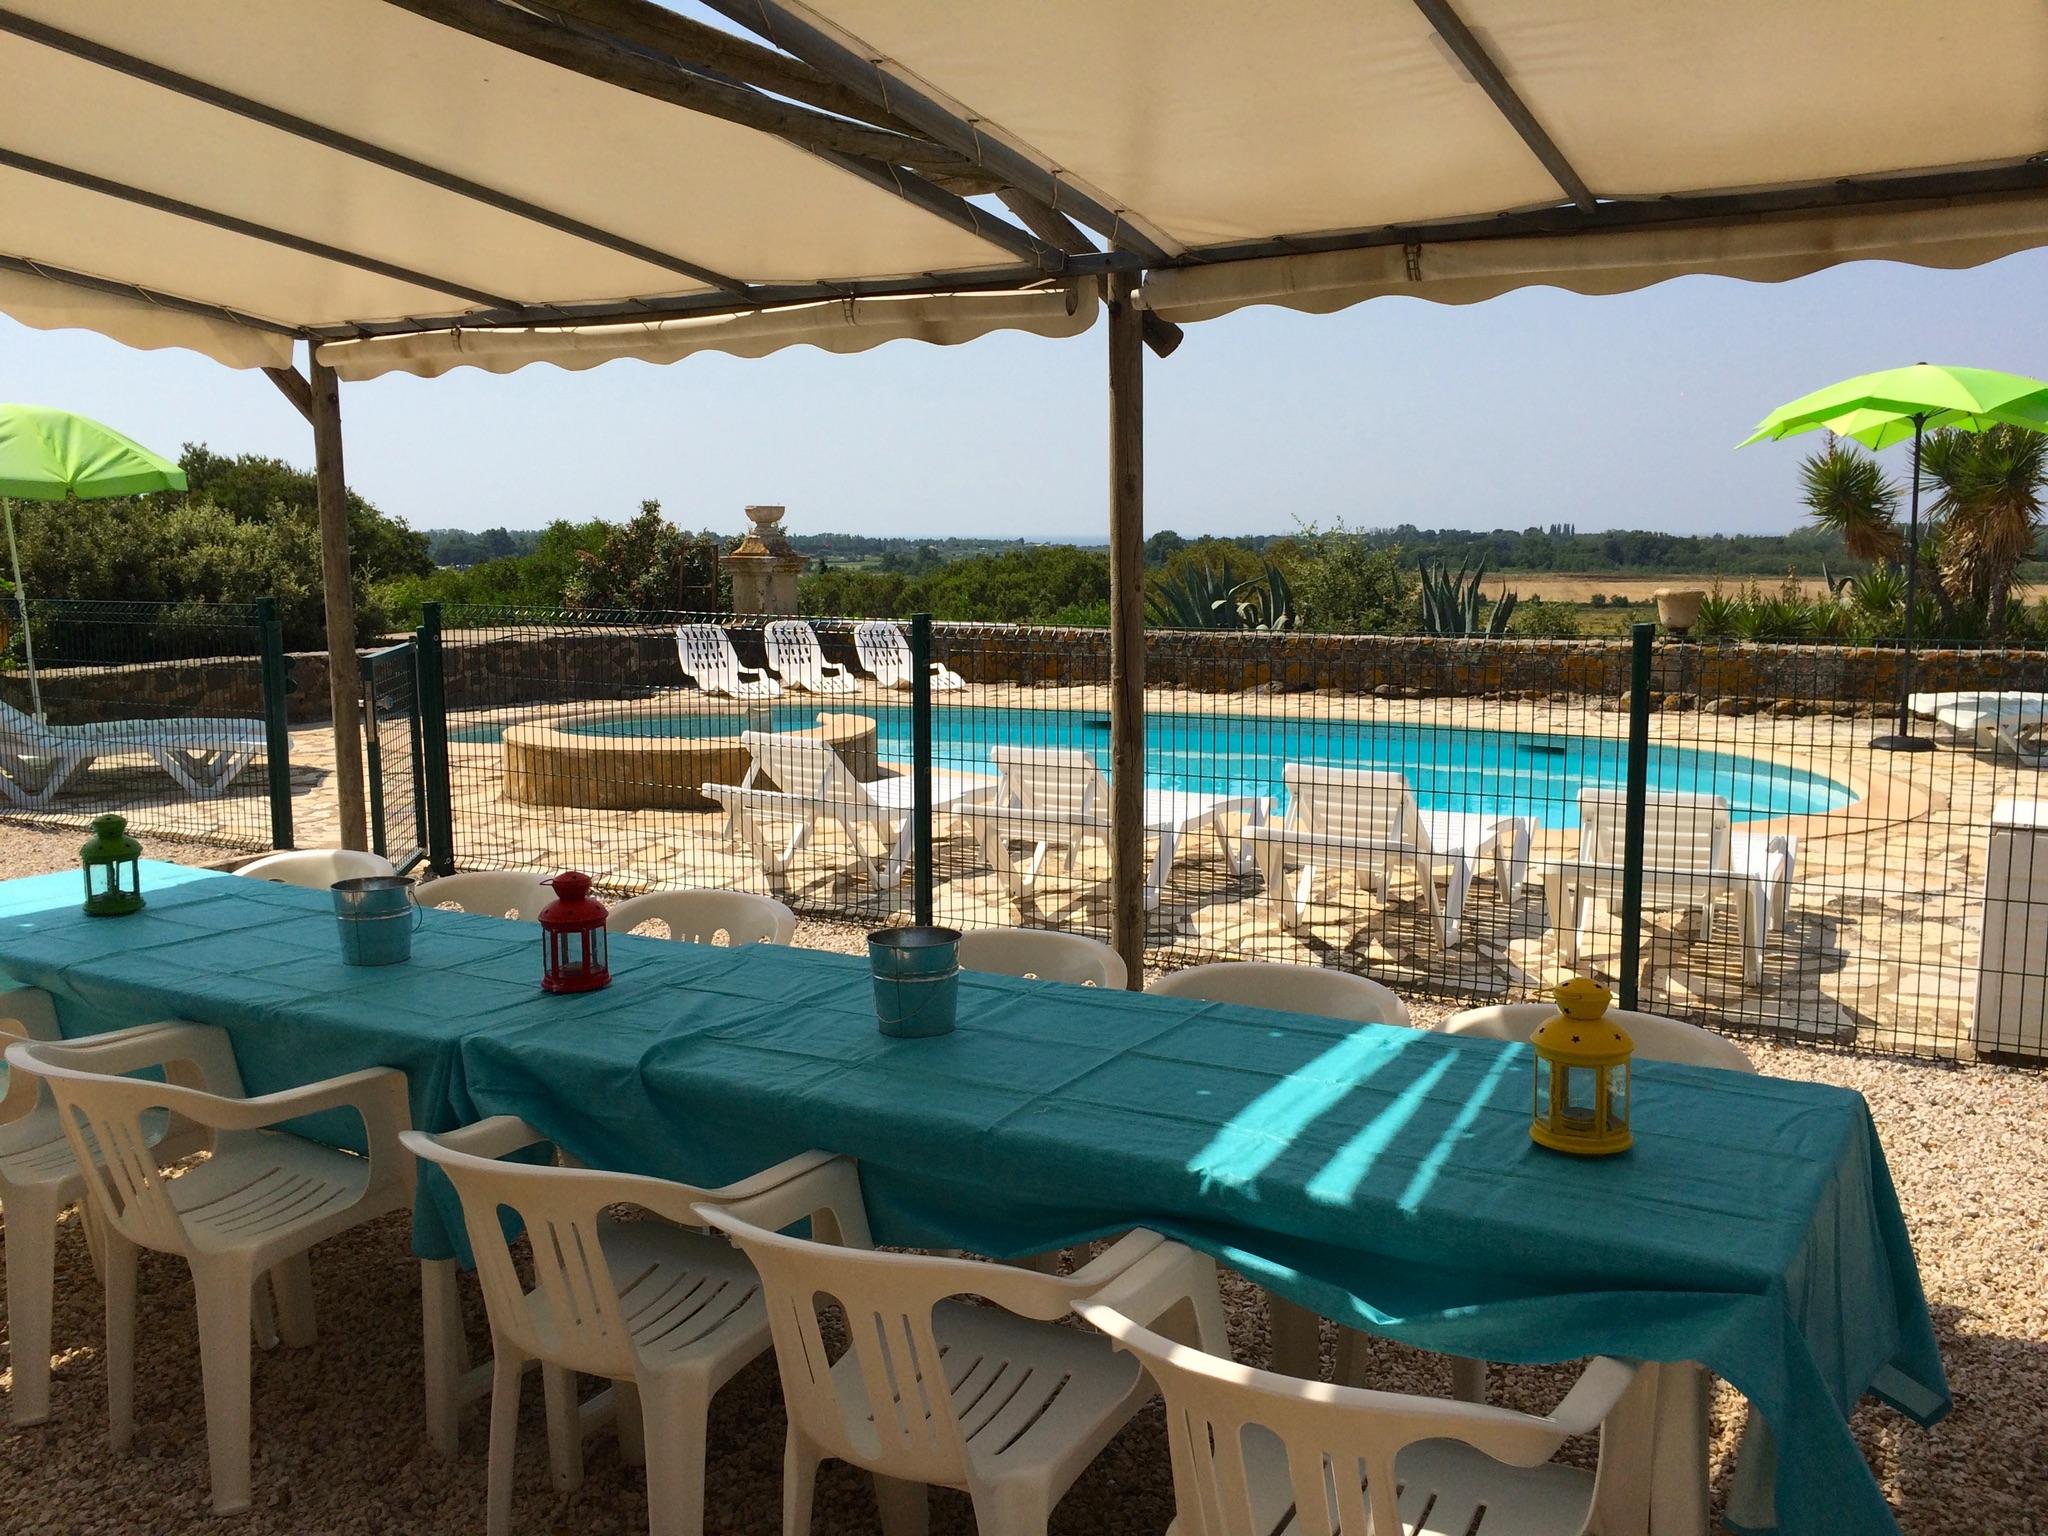 Ferienhaus Charaktervolles Haus in Hérault mit Pool und Garten (2201003), Portiragnes, Mittelmeerküste Hérault, Languedoc-Roussillon, Frankreich, Bild 23